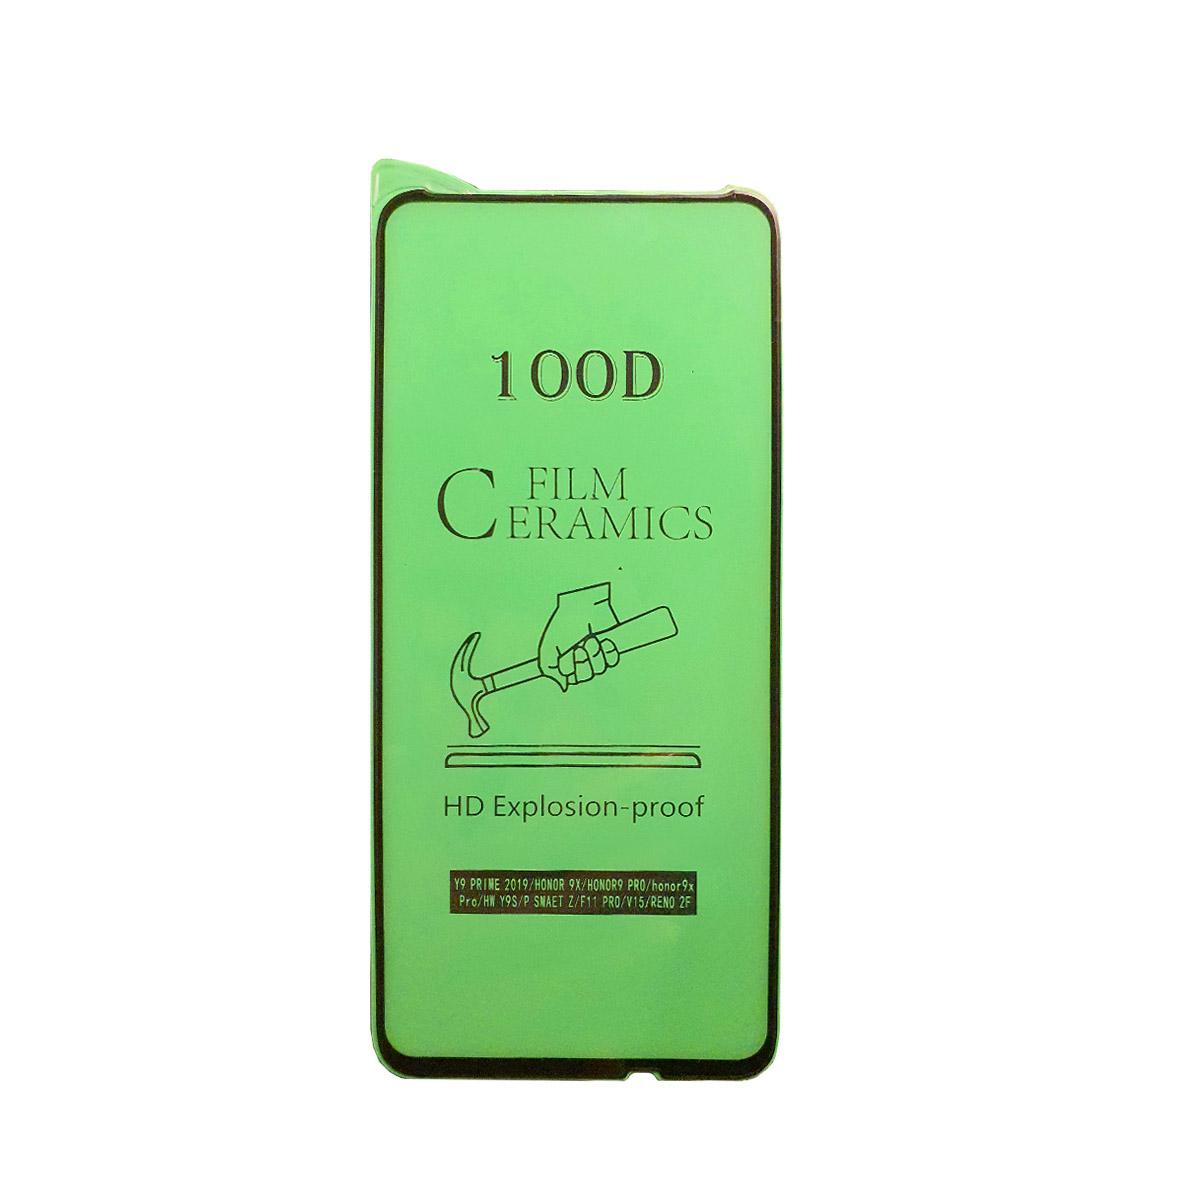 محافظ صفحه نمایش سرامیکی مدل FLCRG01st مناسب برای گوشی موبایل هوآوی Y9 Prime 2019